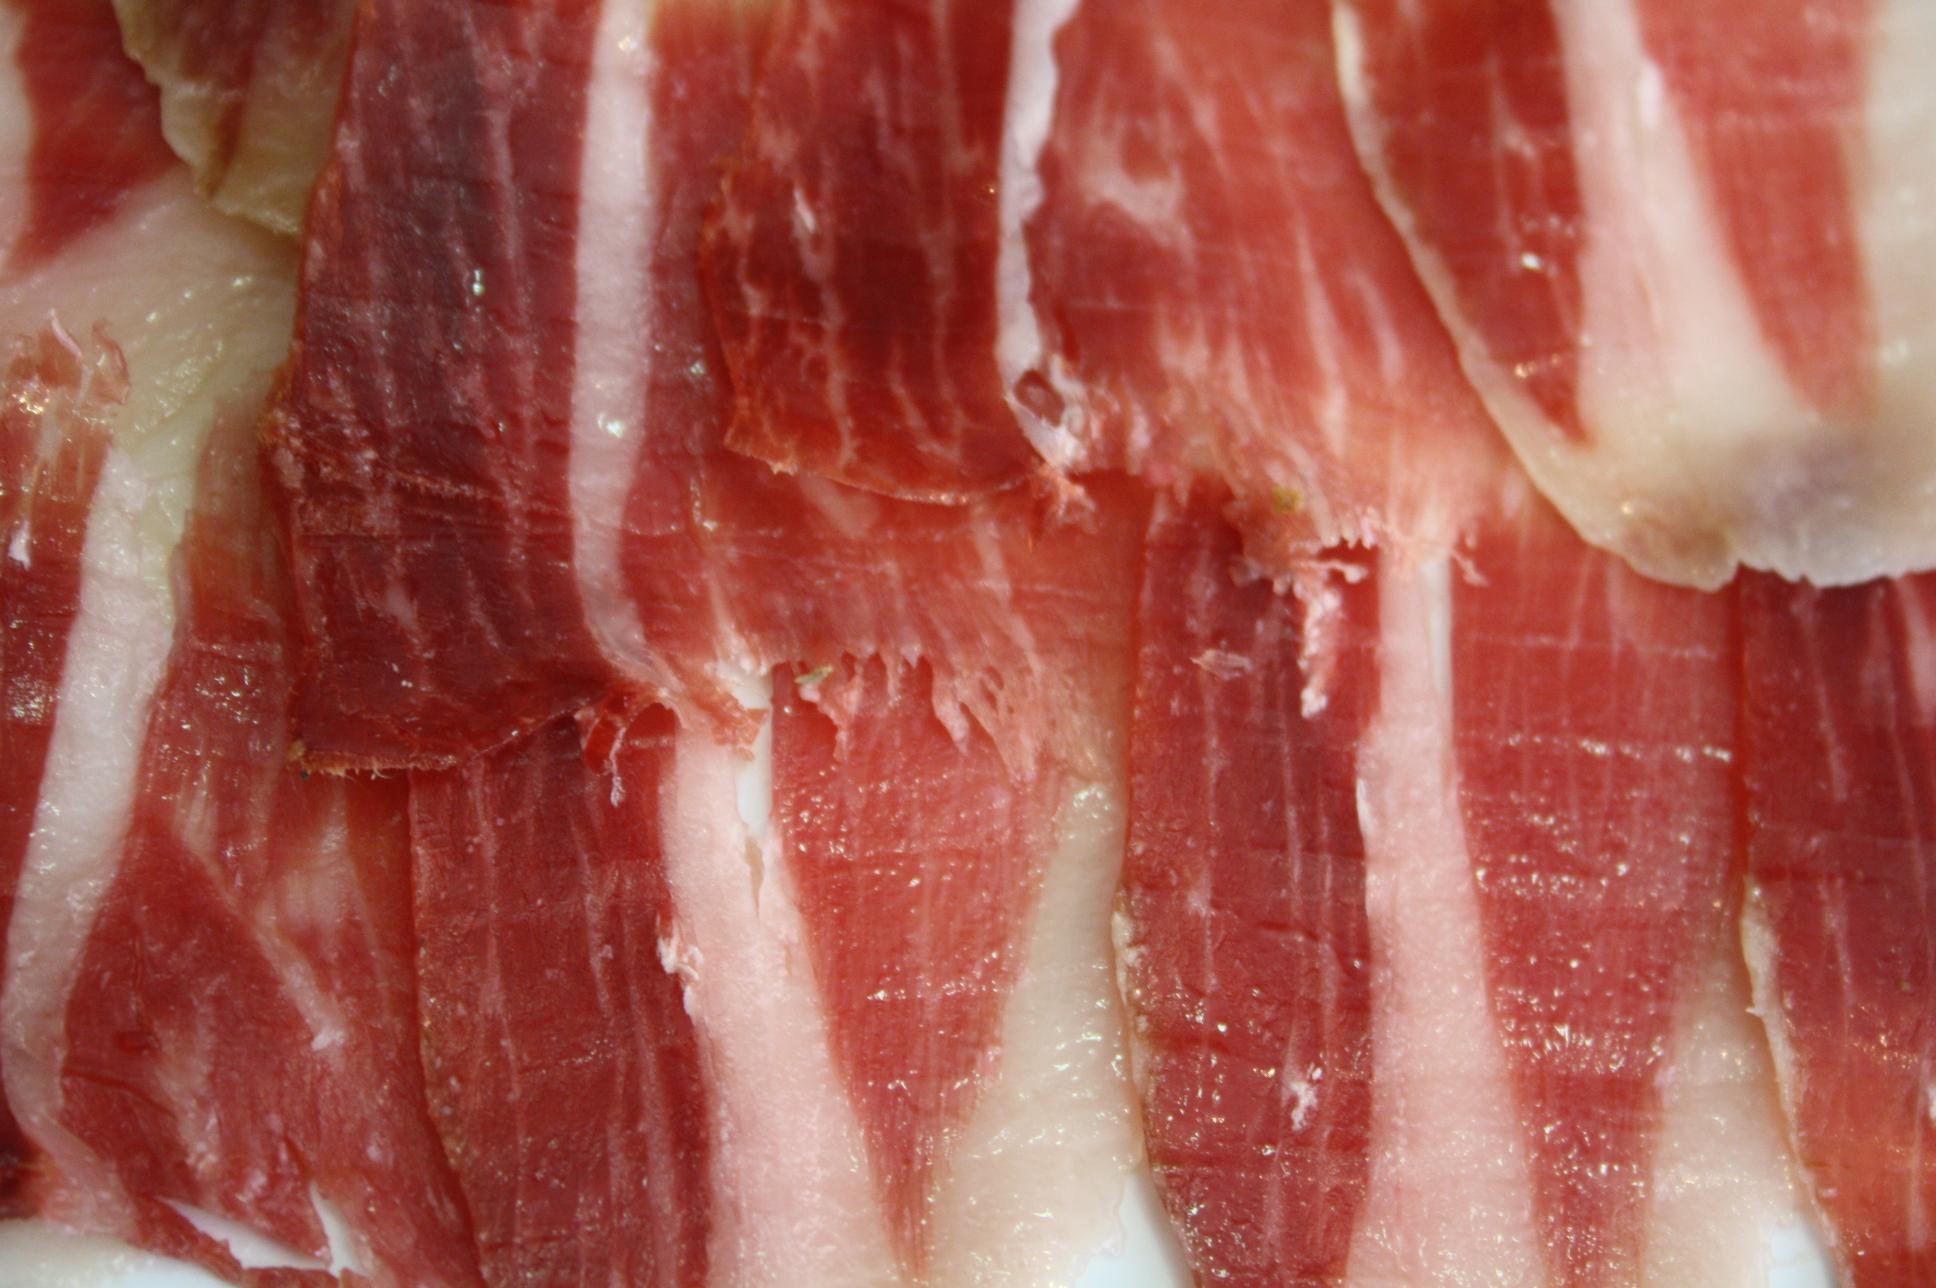 Una vez cortadas, las lonchas se disponen sobre un plato, ordenadas y ligeramente superpuestas